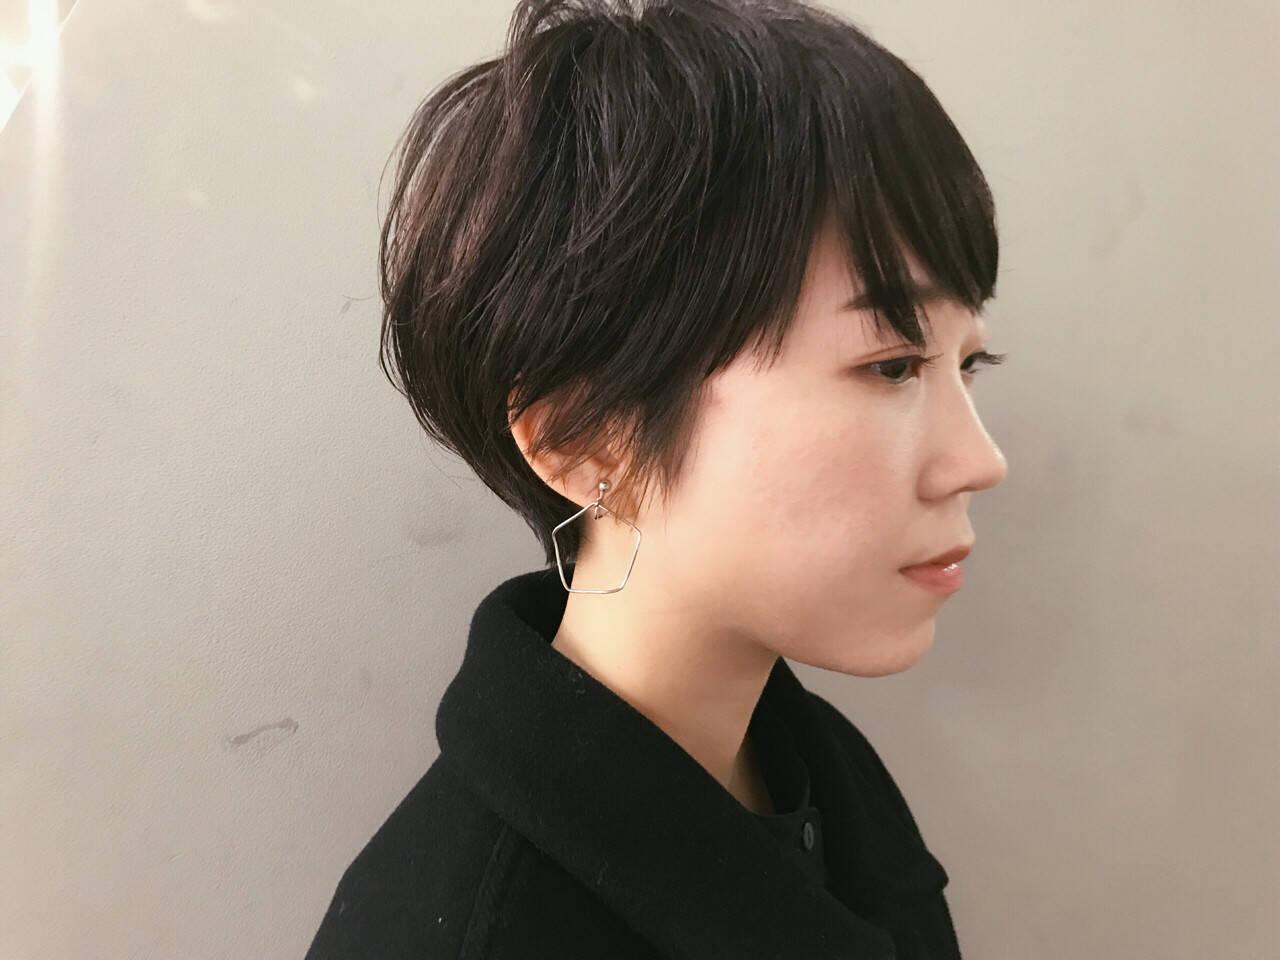 ナチュラル 黒髪 ショート ショートボブヘアスタイルや髪型の写真・画像